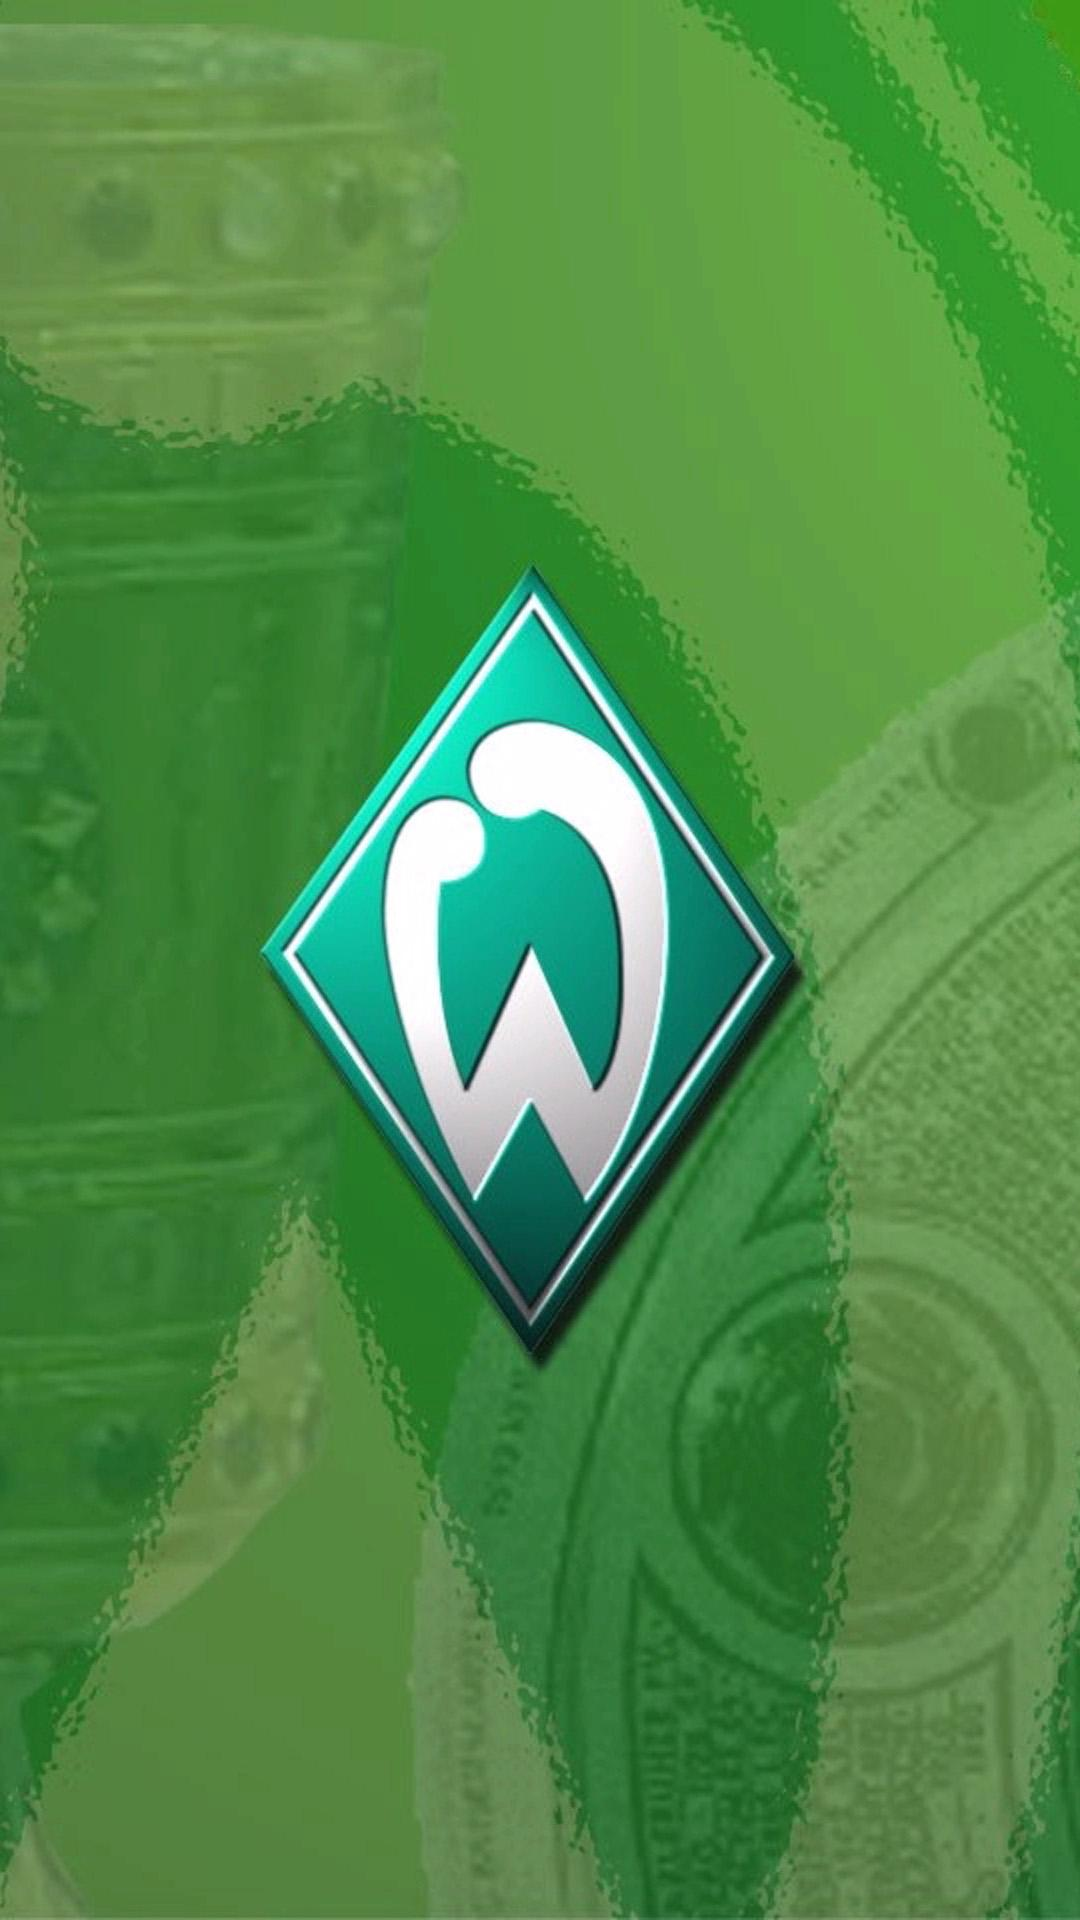 Werder Bremen Wallpapers - Wallpaper Cave